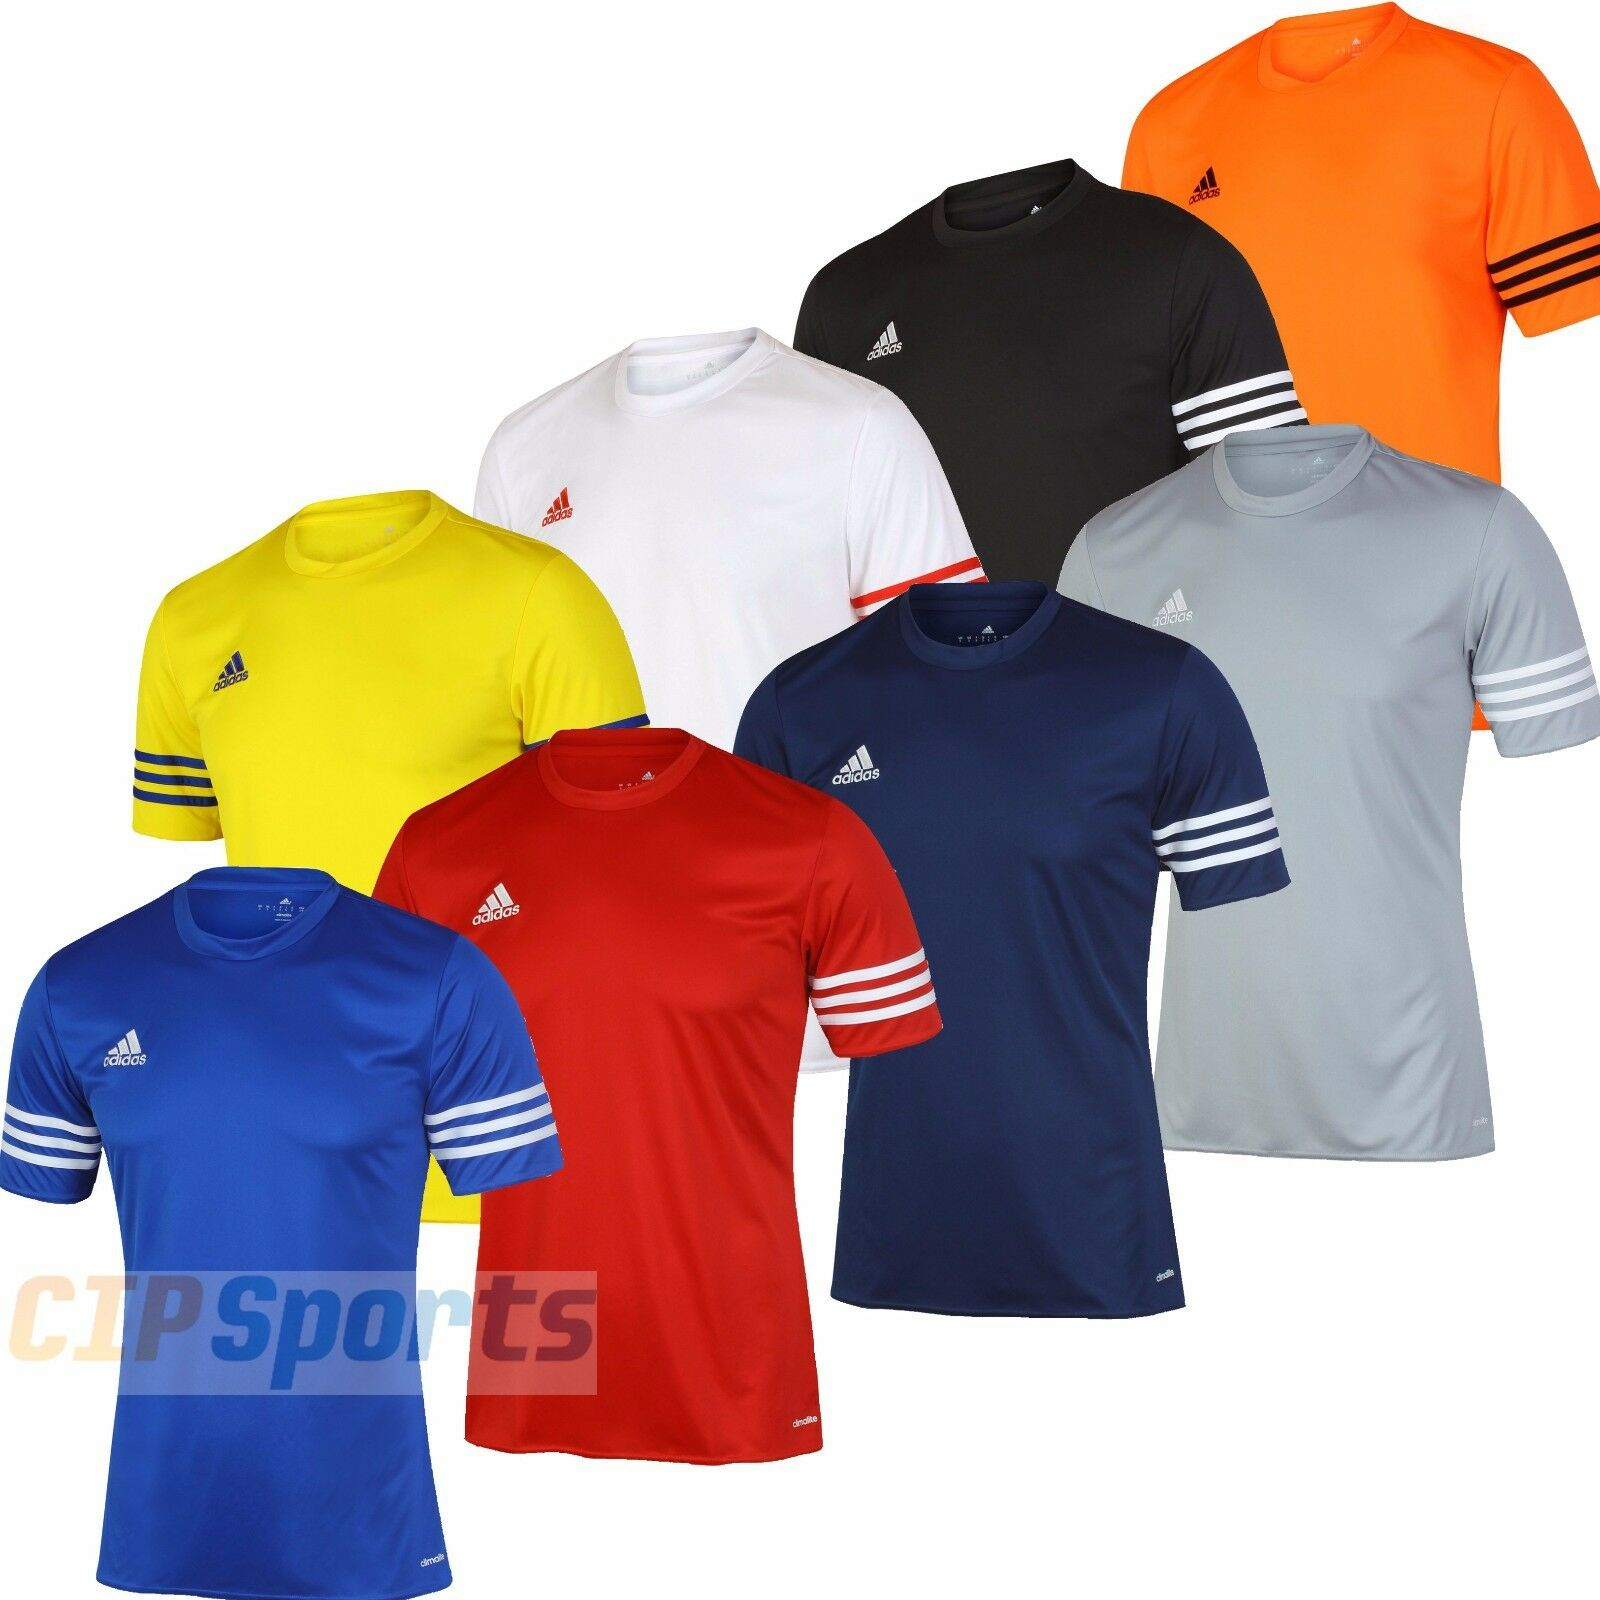 ee34afca3b adidas férfi Entrada climalite tréning póló Tee futball póló sport póló 89